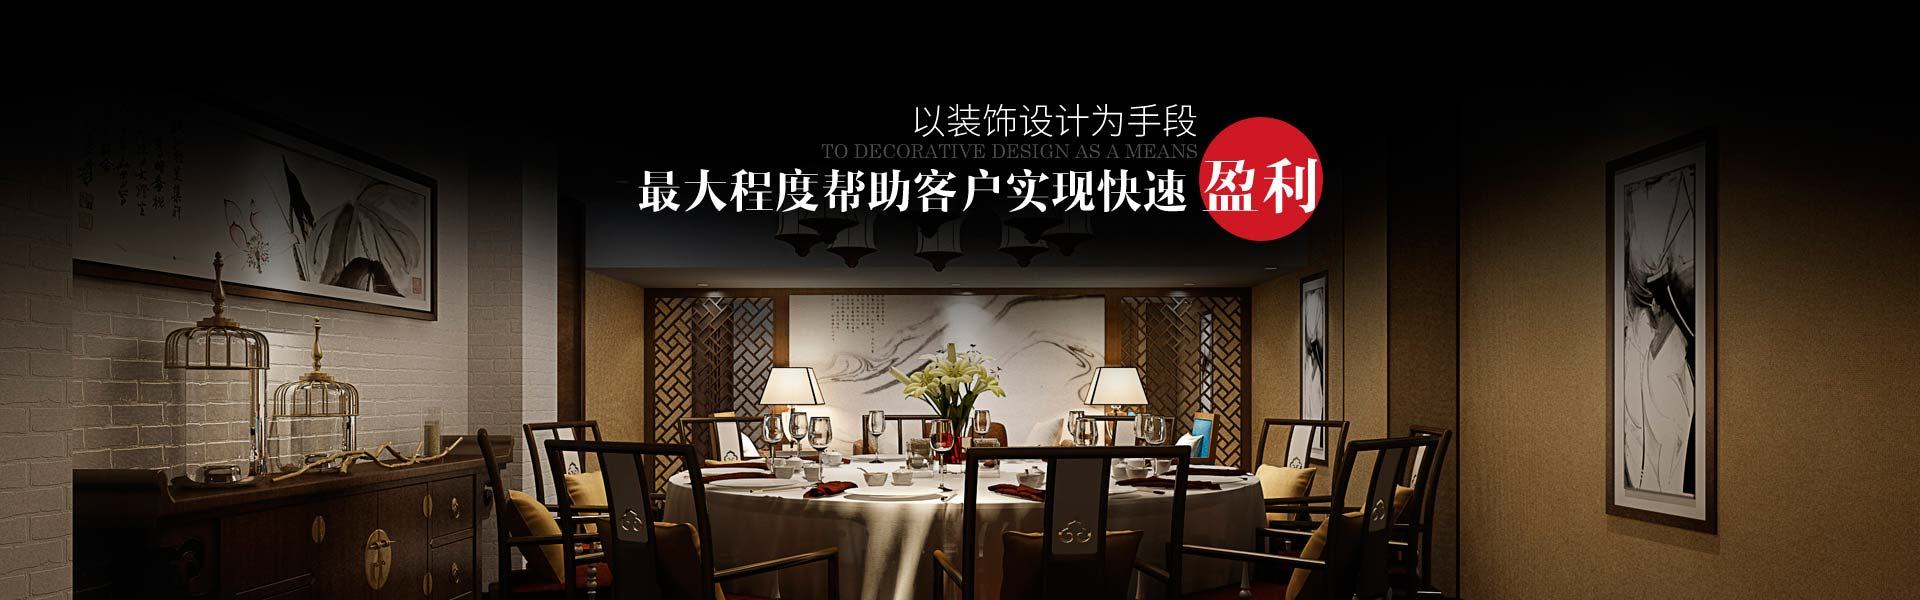 高档餐厅装修和简易餐厅装修费用是多少?